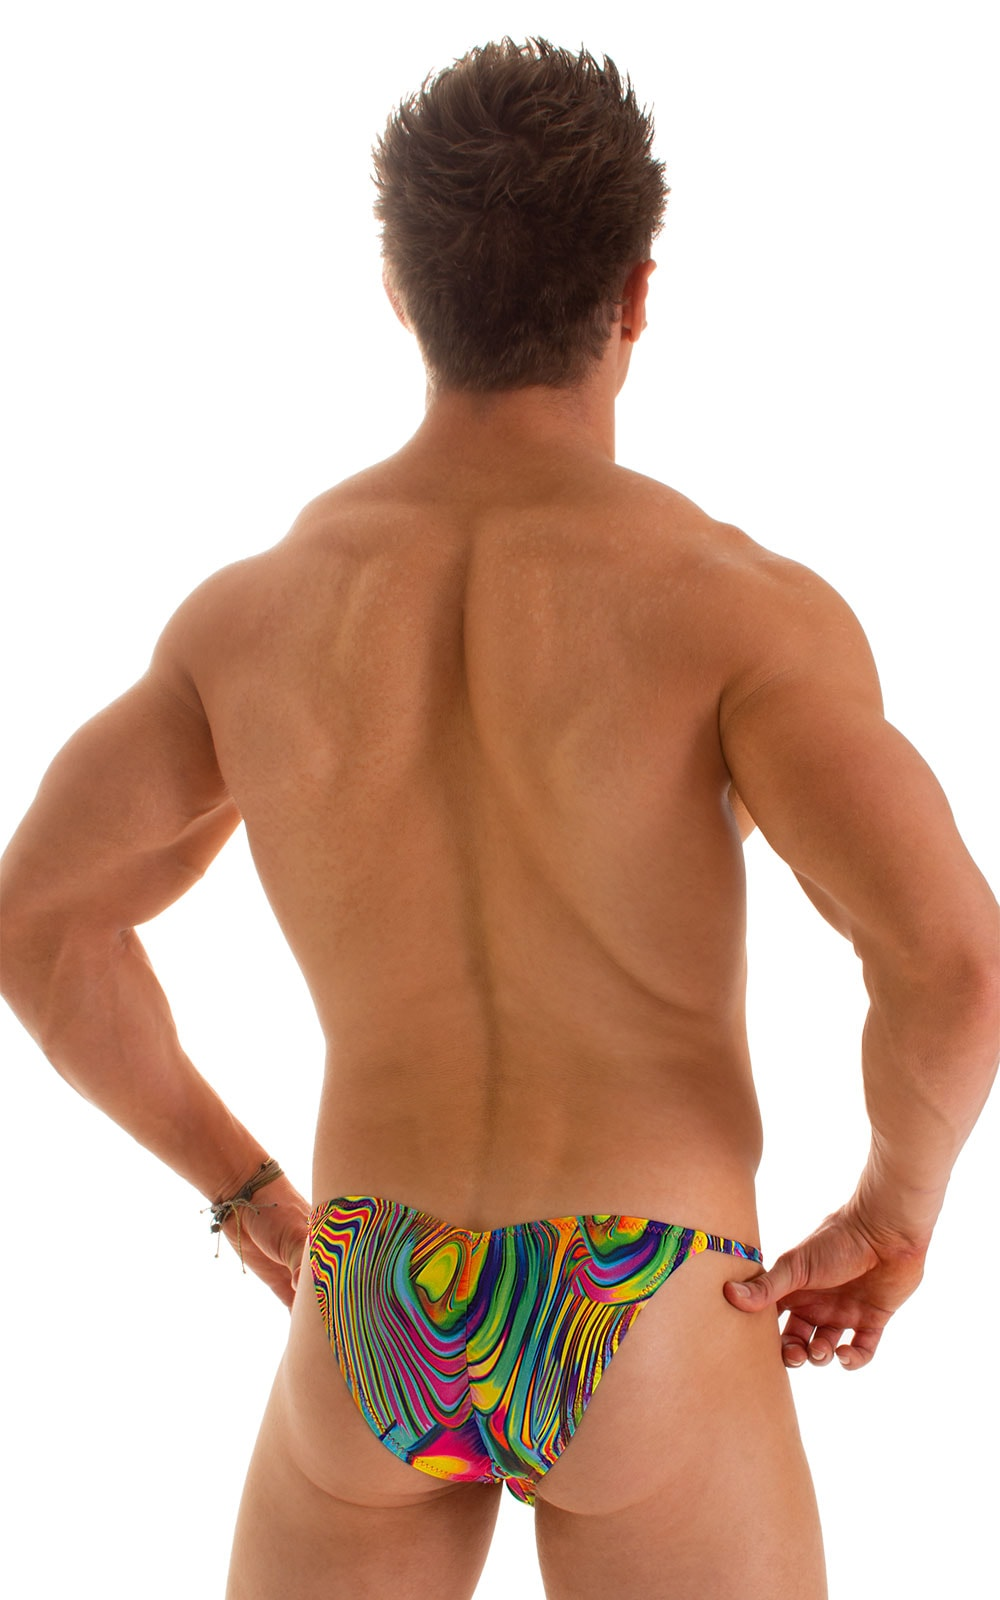 Micro Pouch - Puckered Back - Rio Bikini in ThinSkinz Neon Dali 2